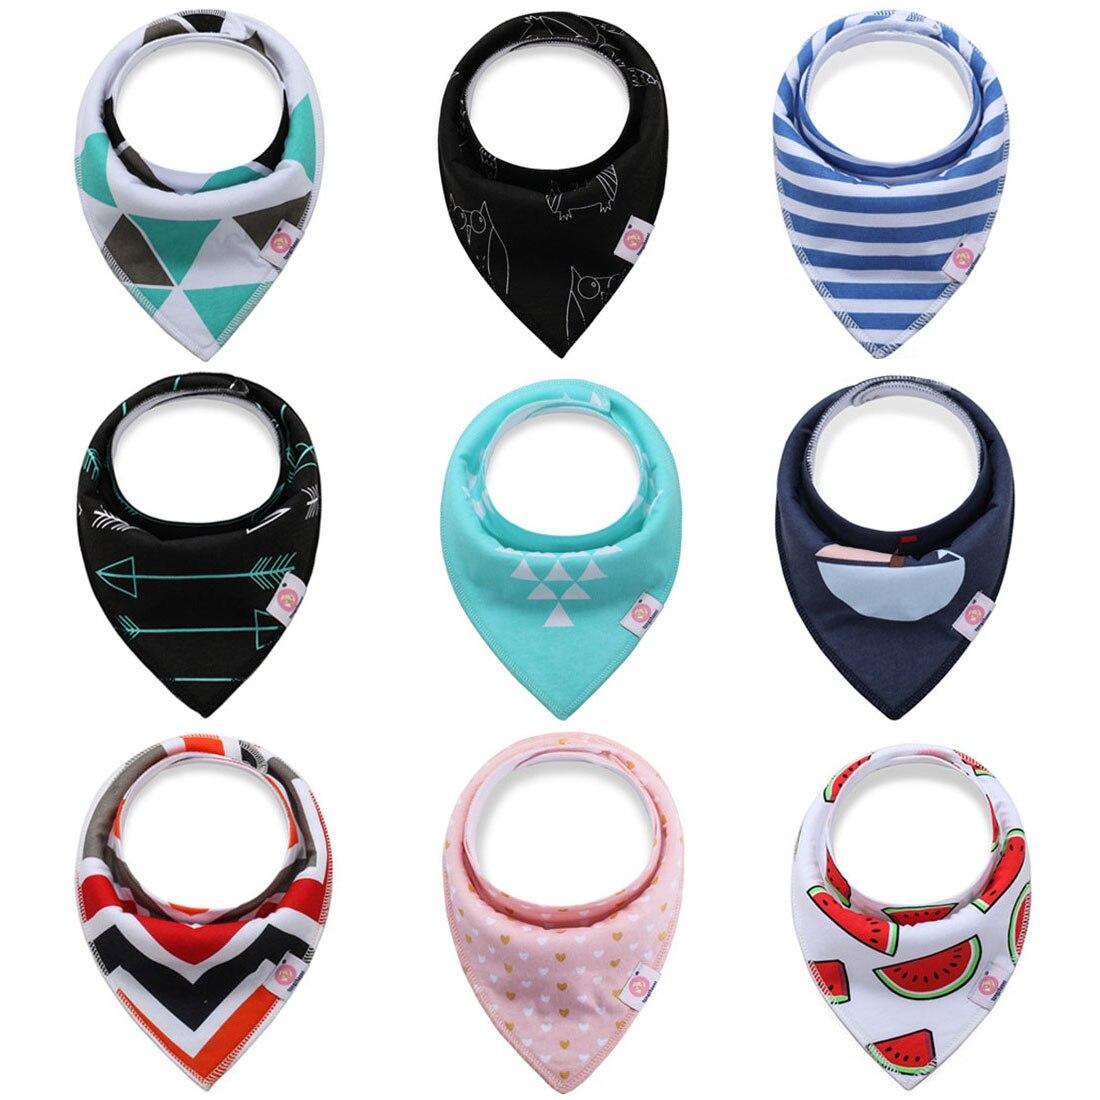 4 unids/lote Baberos de algodón grueso absorción de agua bebé bufanda babero recién nacido niños niñas moda triángulo toalla niños cosa